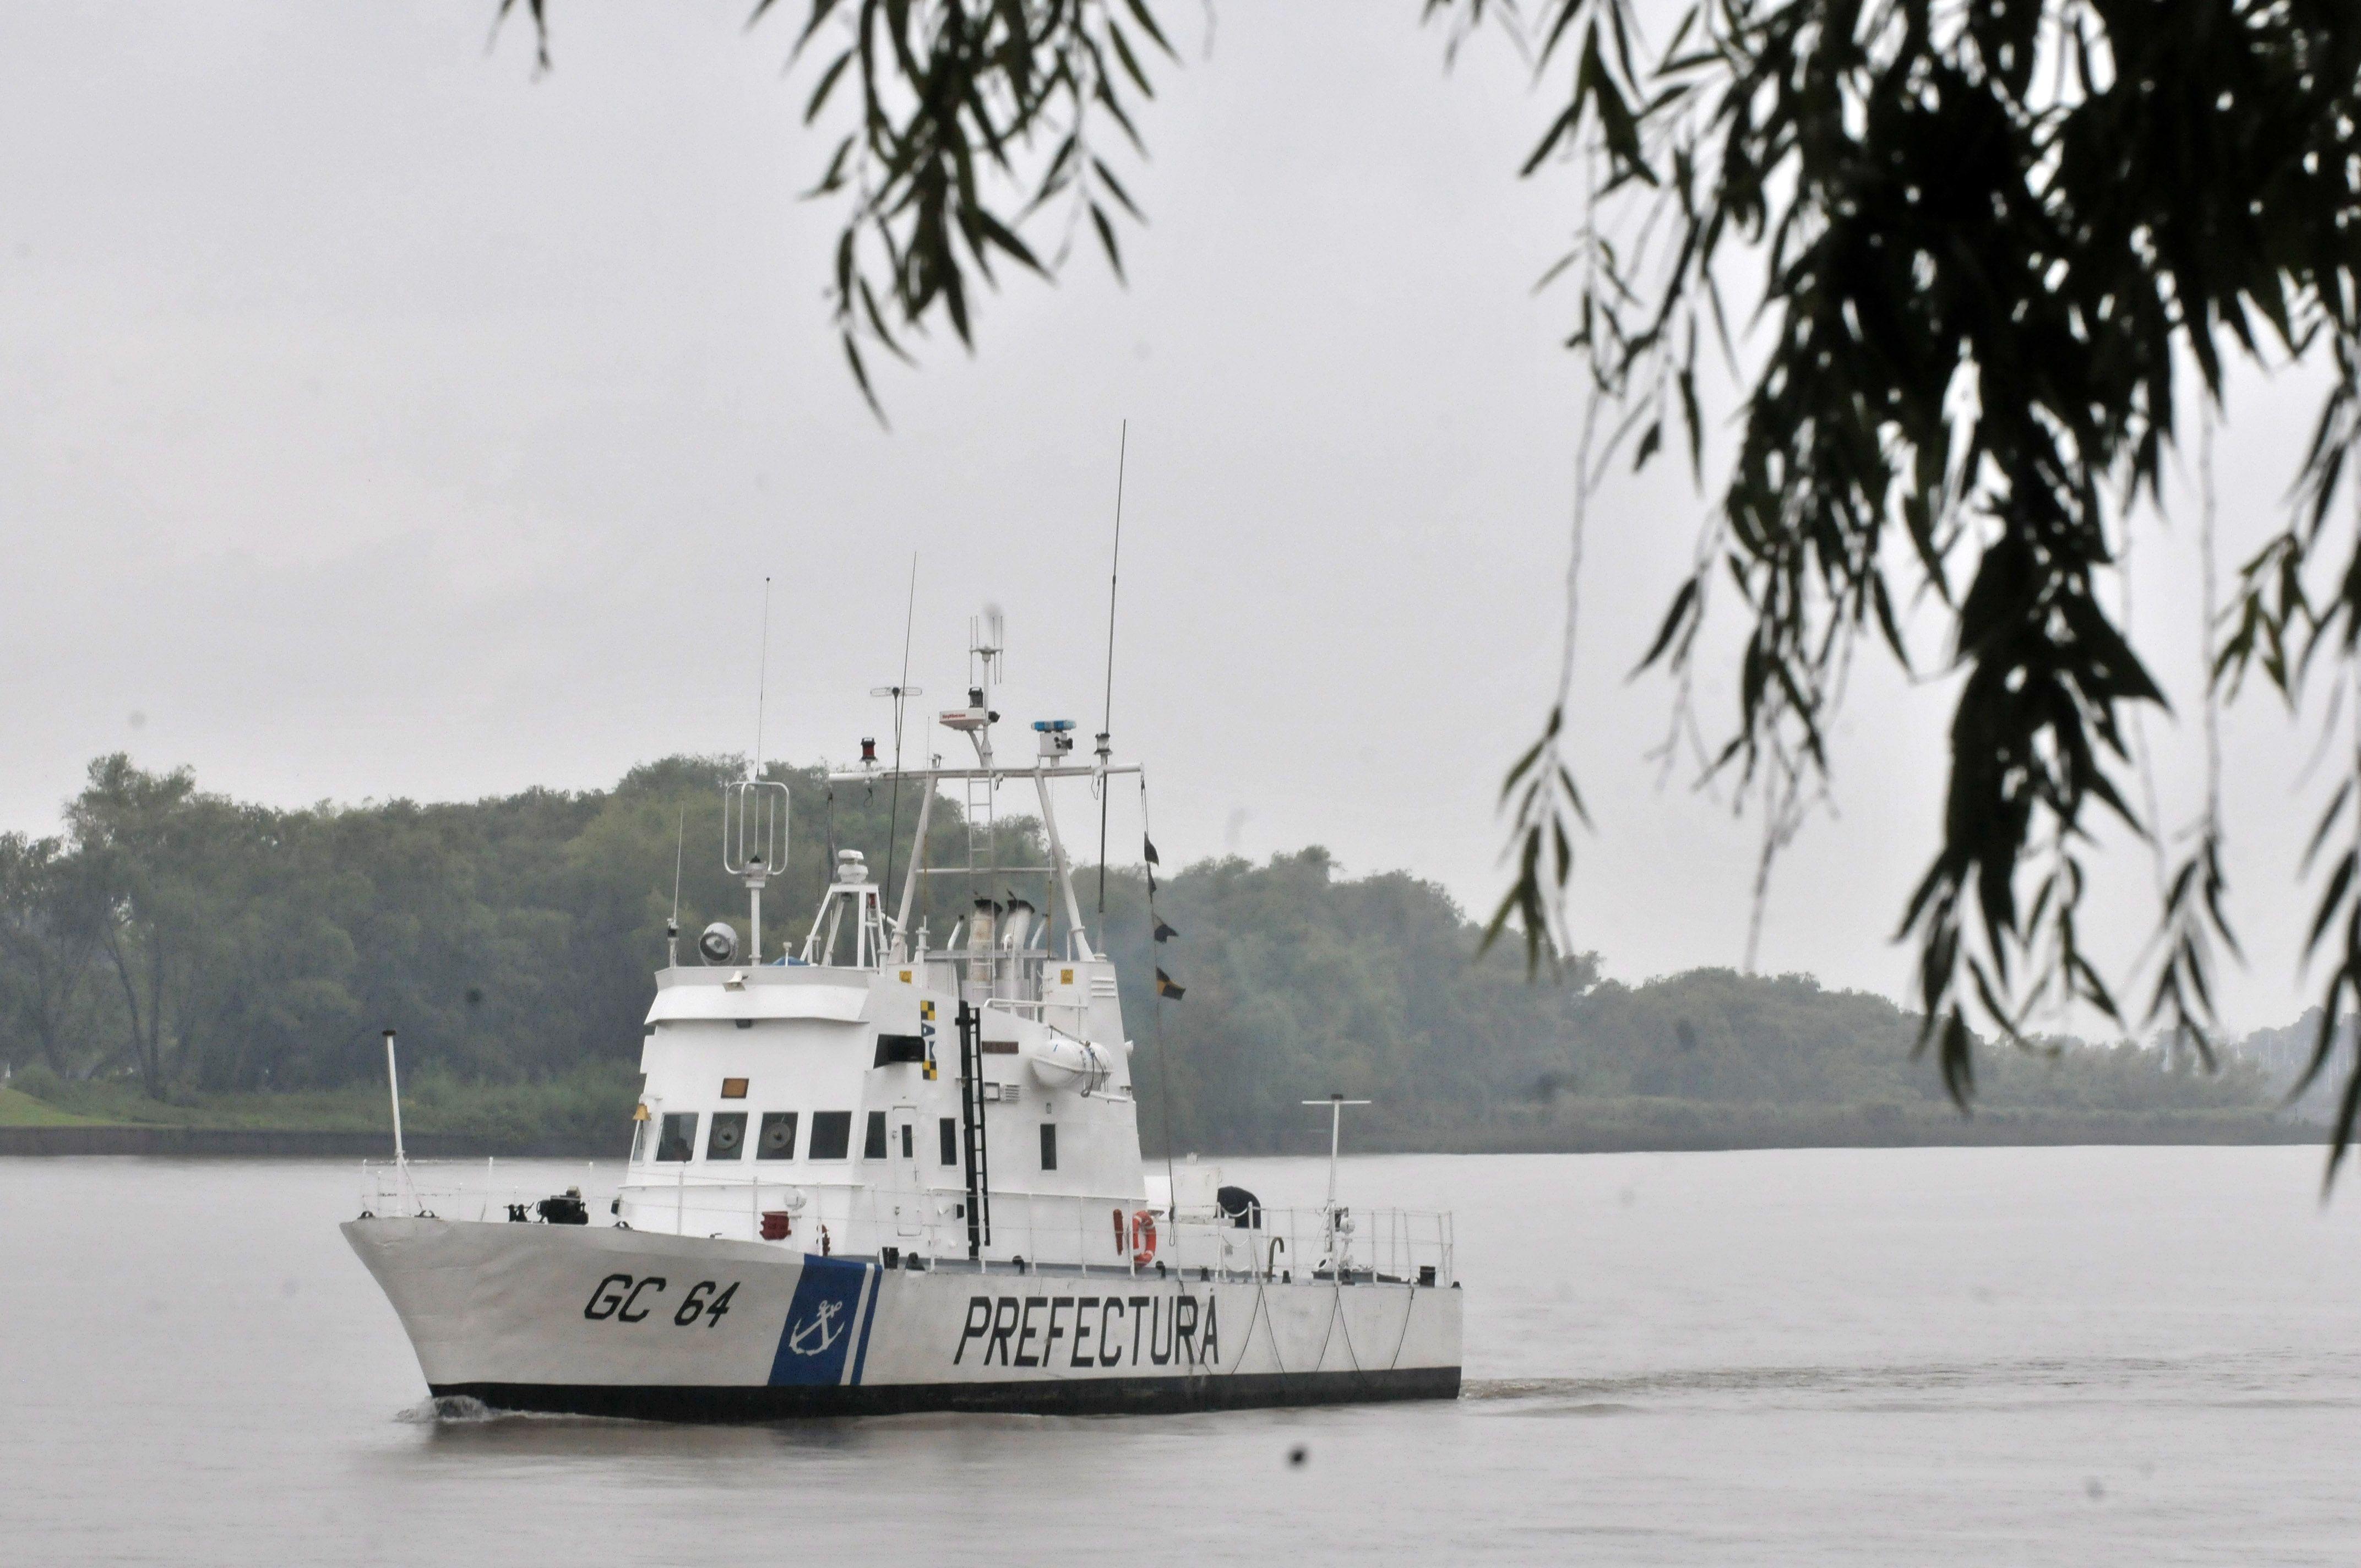 Buscan a un pescador que cayó al Río de la Plata durante el temporal del miércoles